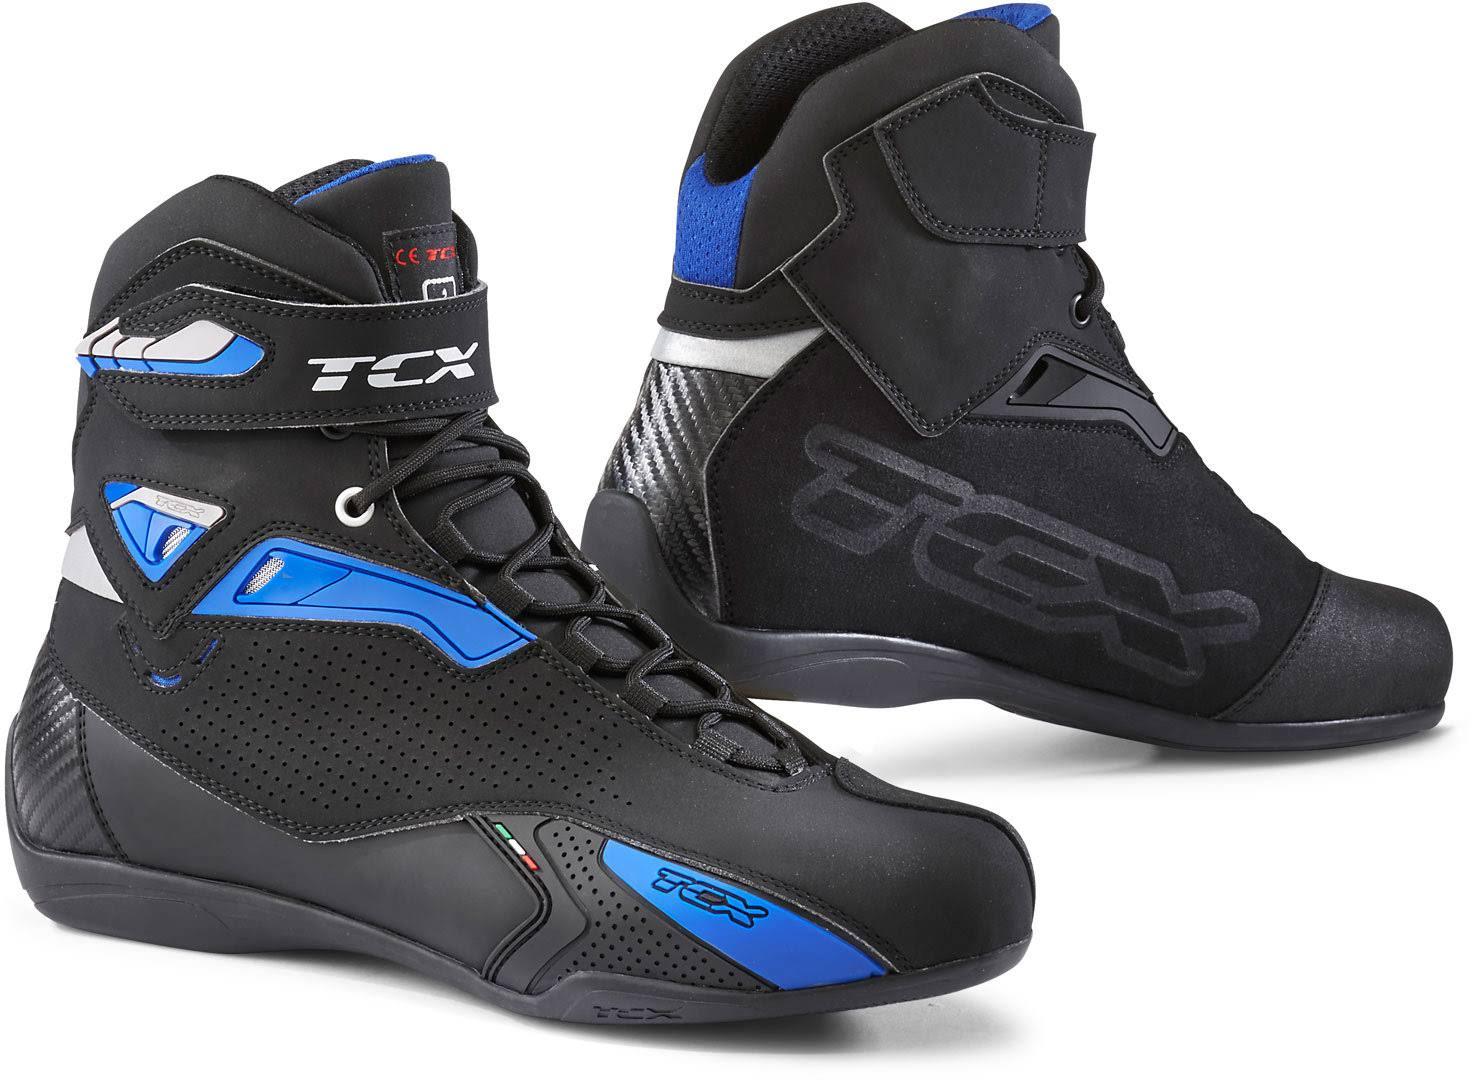 Boots Eu 41 Negro Short Rush Hombre Azul Tcx qwnHF4T0E